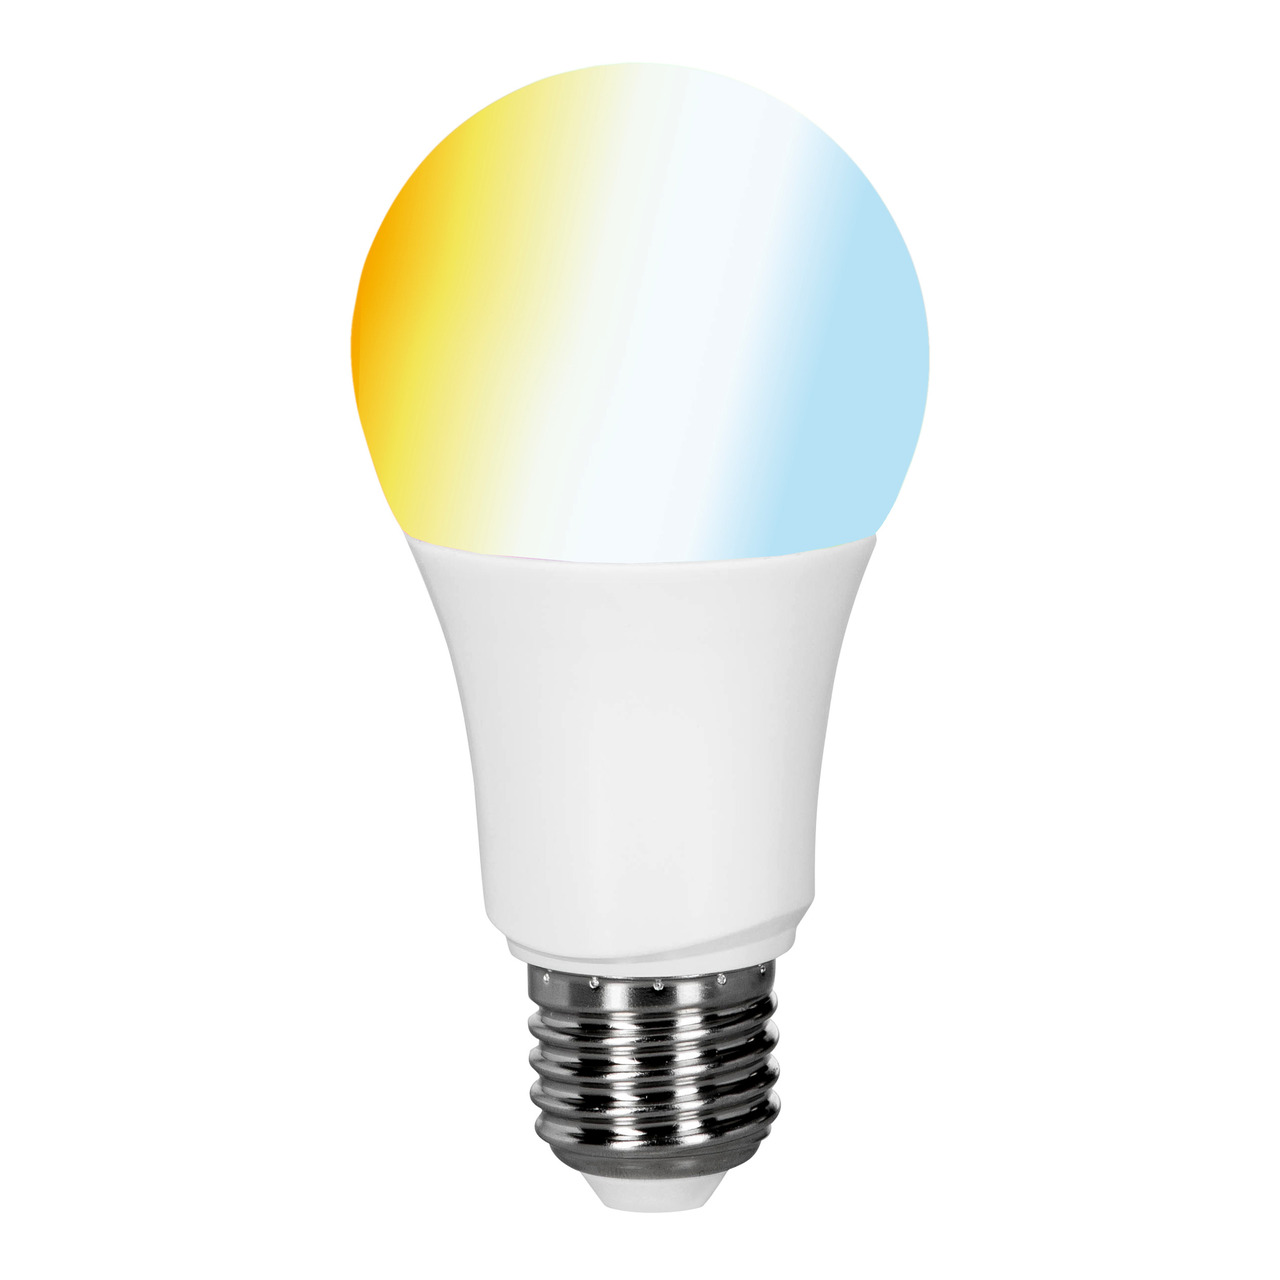 Müller Licht tint 9-W-LED-Lampe E27- Farbtemperatur einstellbar- dimmbar (Zigbee)